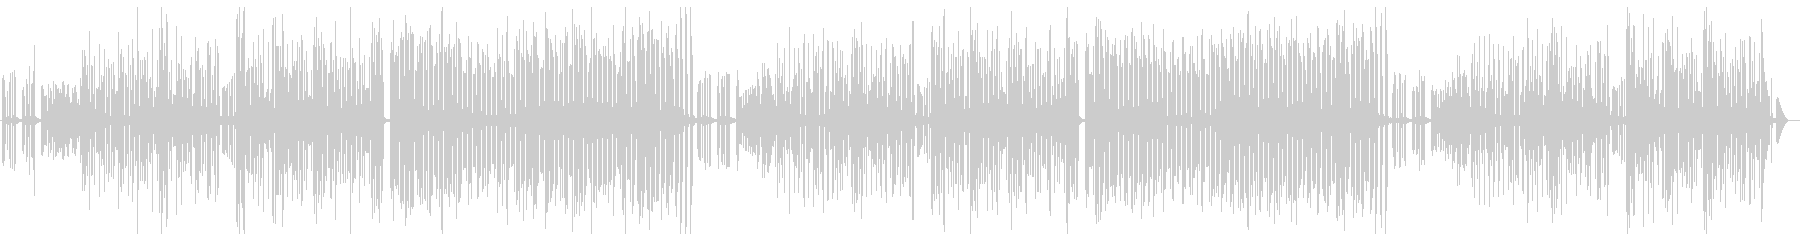 ほぼ3分クッキングの曲の未再生の波形